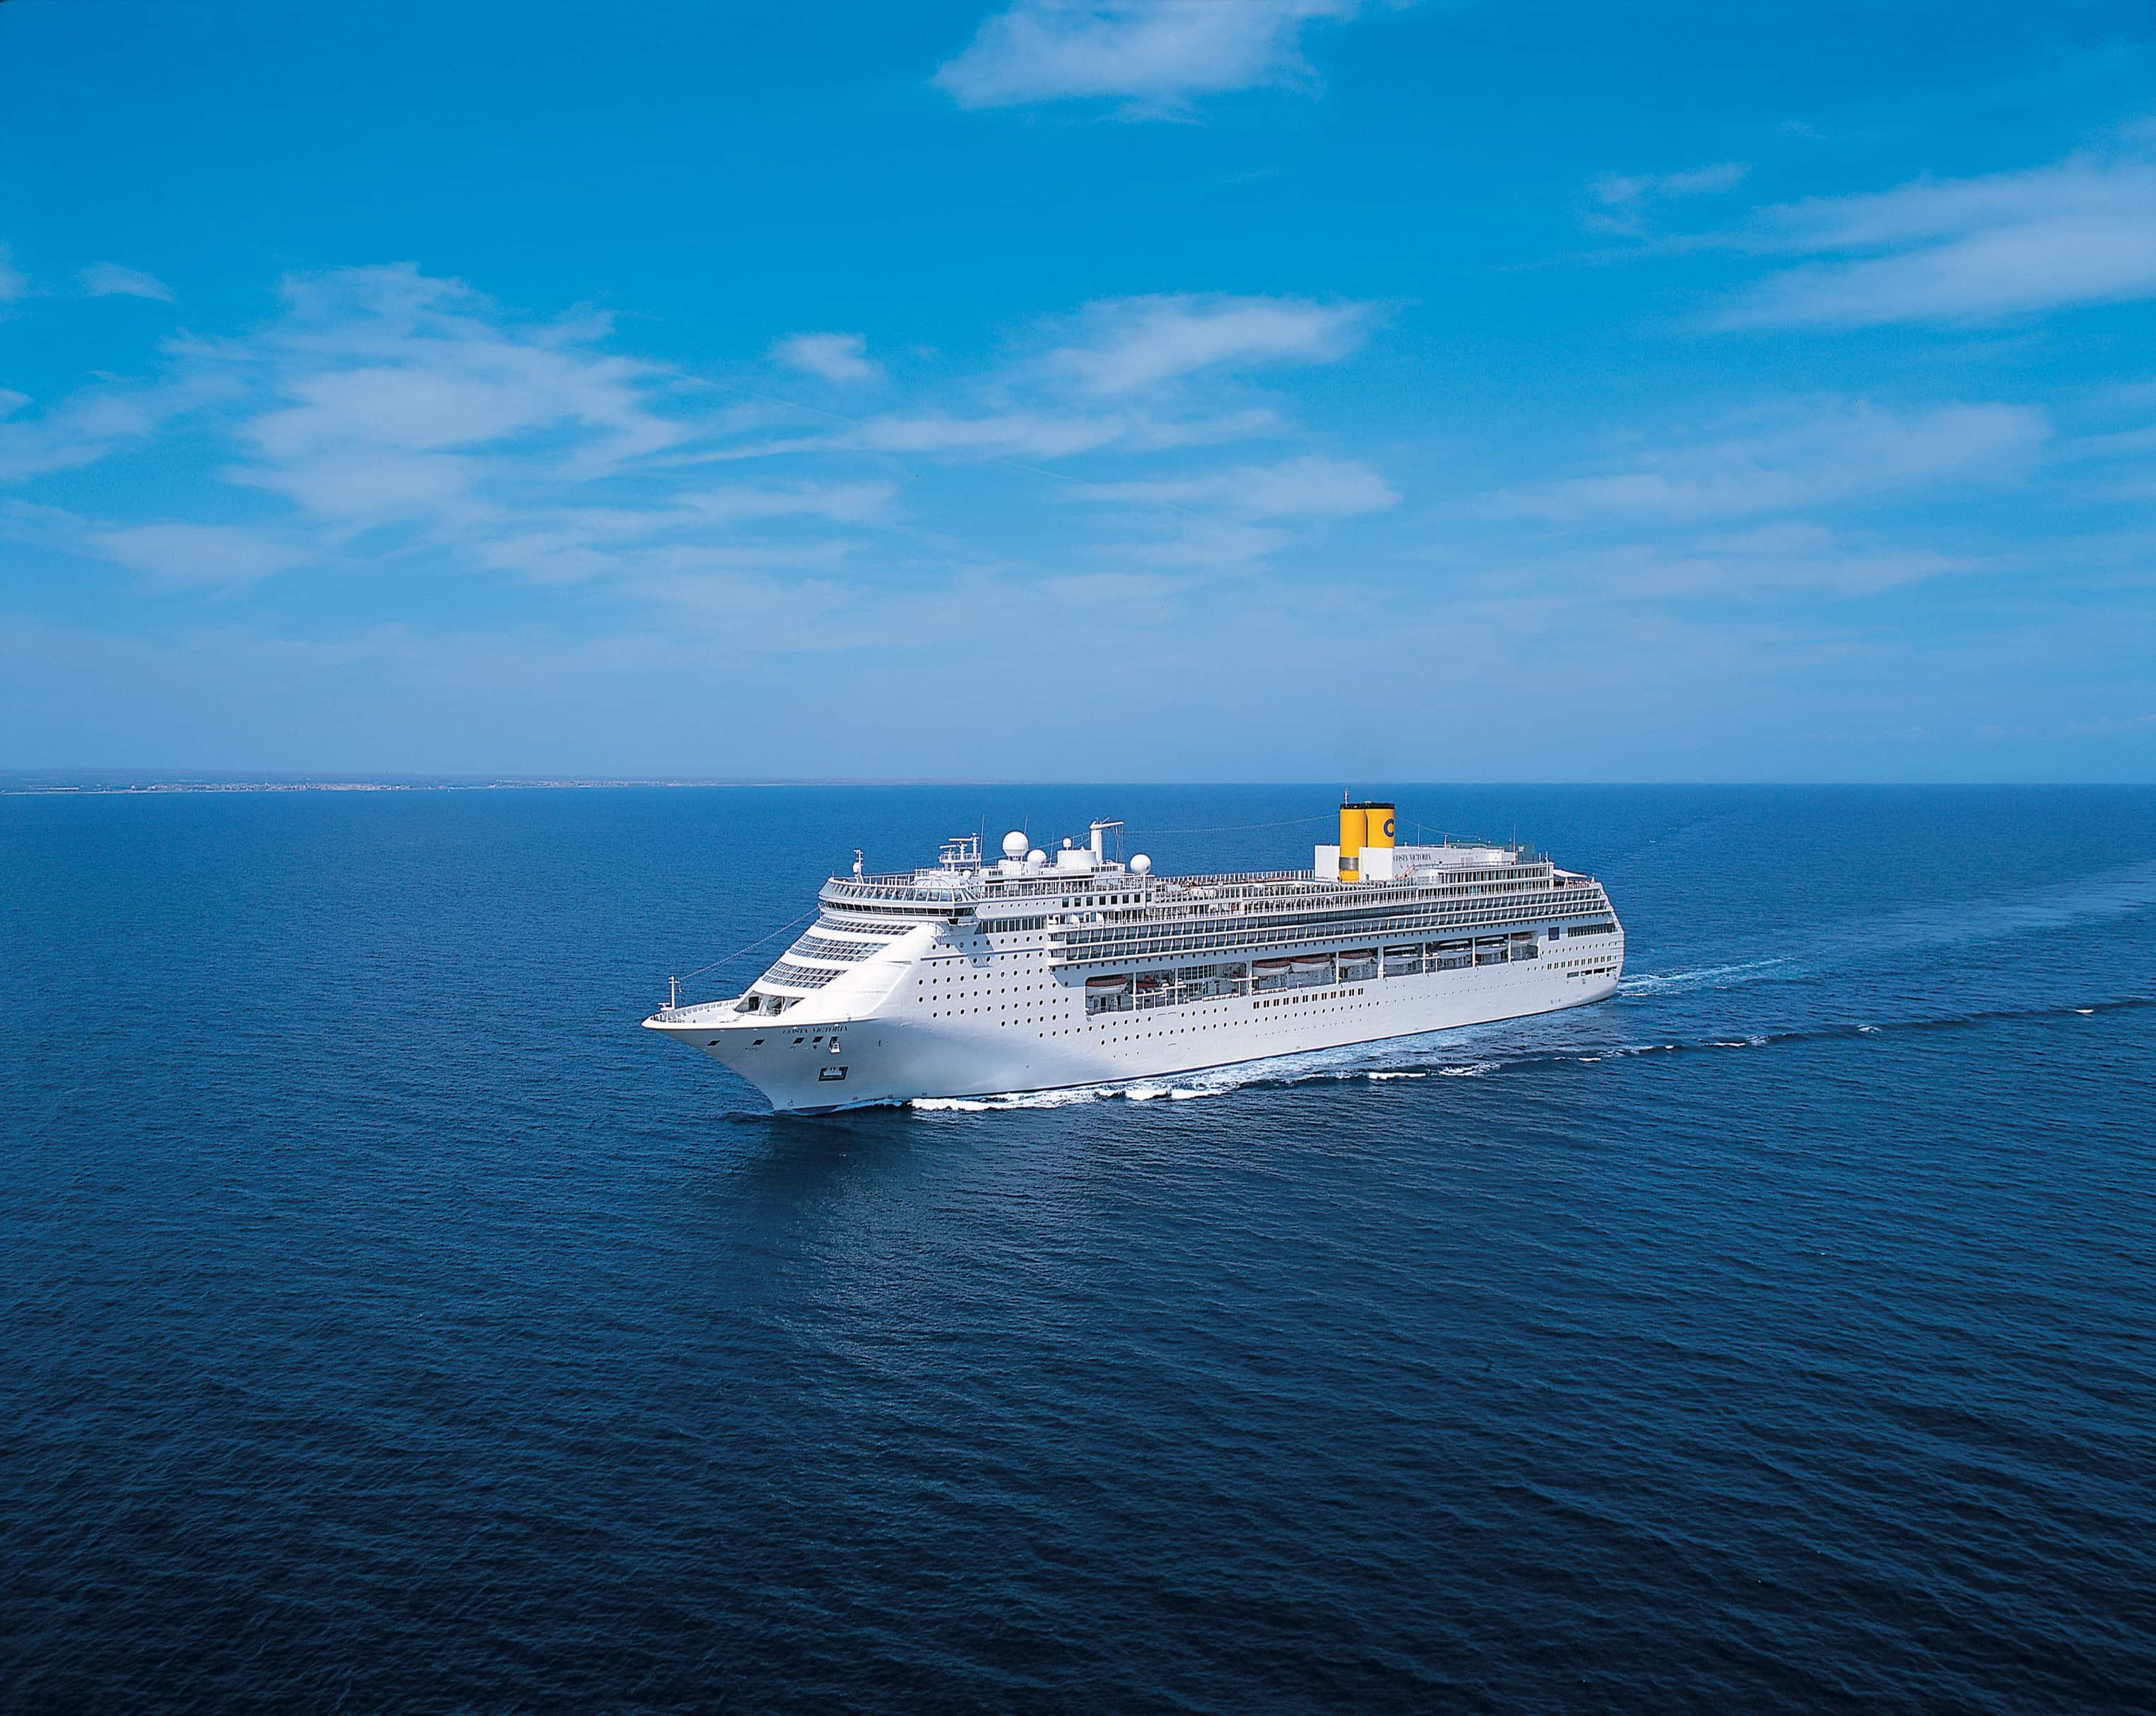 mumbai_cruise_1570089261277.jpg